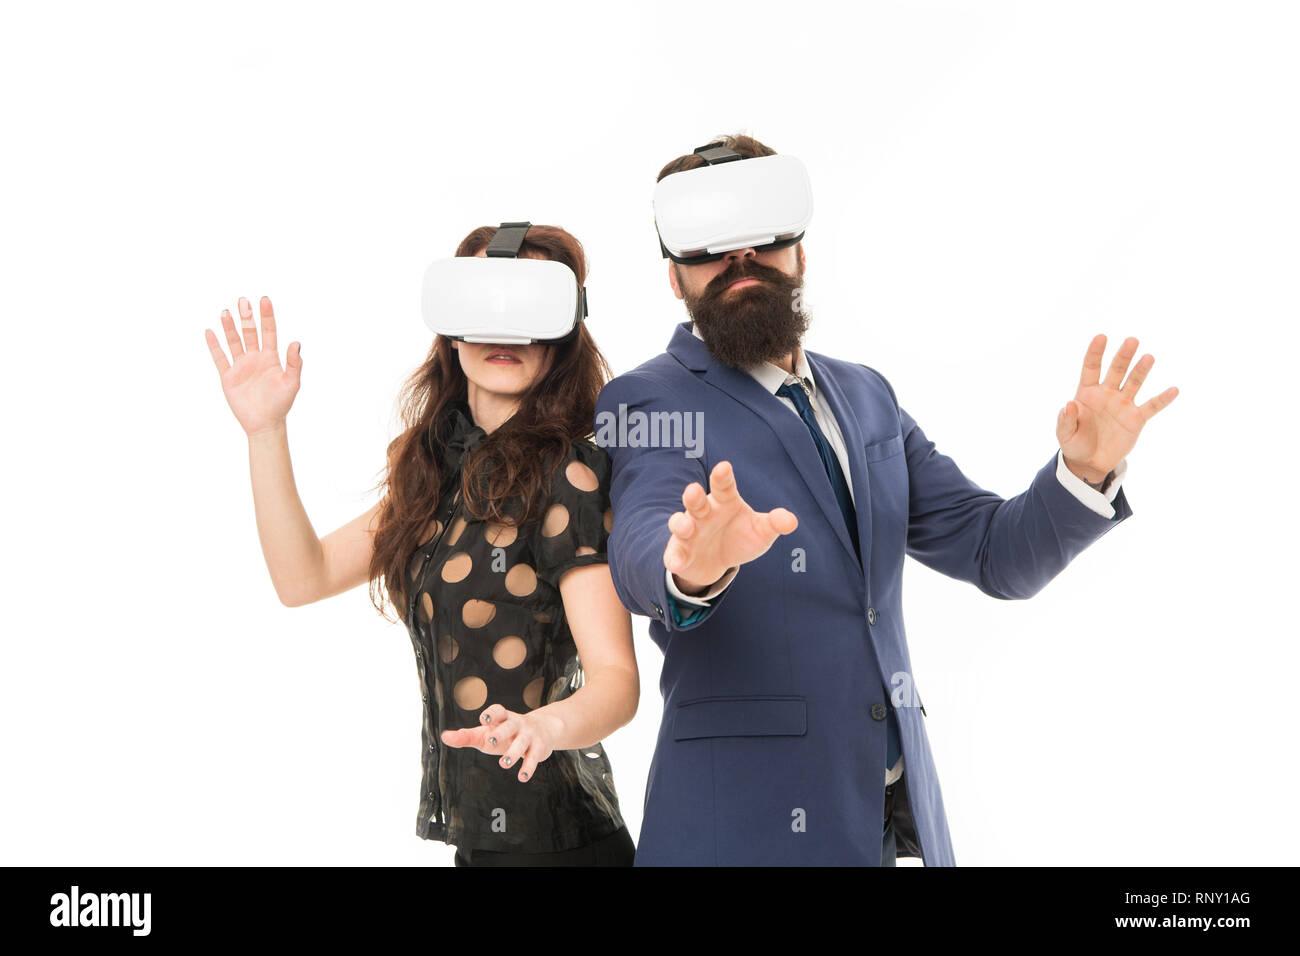 Les logiciels modernes pour les entreprises. Imaginez juste. La mise en œuvre d'une technologie moderne. Deux collègues porter hmd explorer la réalité virtuelle. Partenaires d'affaires d'interagir dans la réalité virtuelle. Nouvelle opportunité. Photo Stock